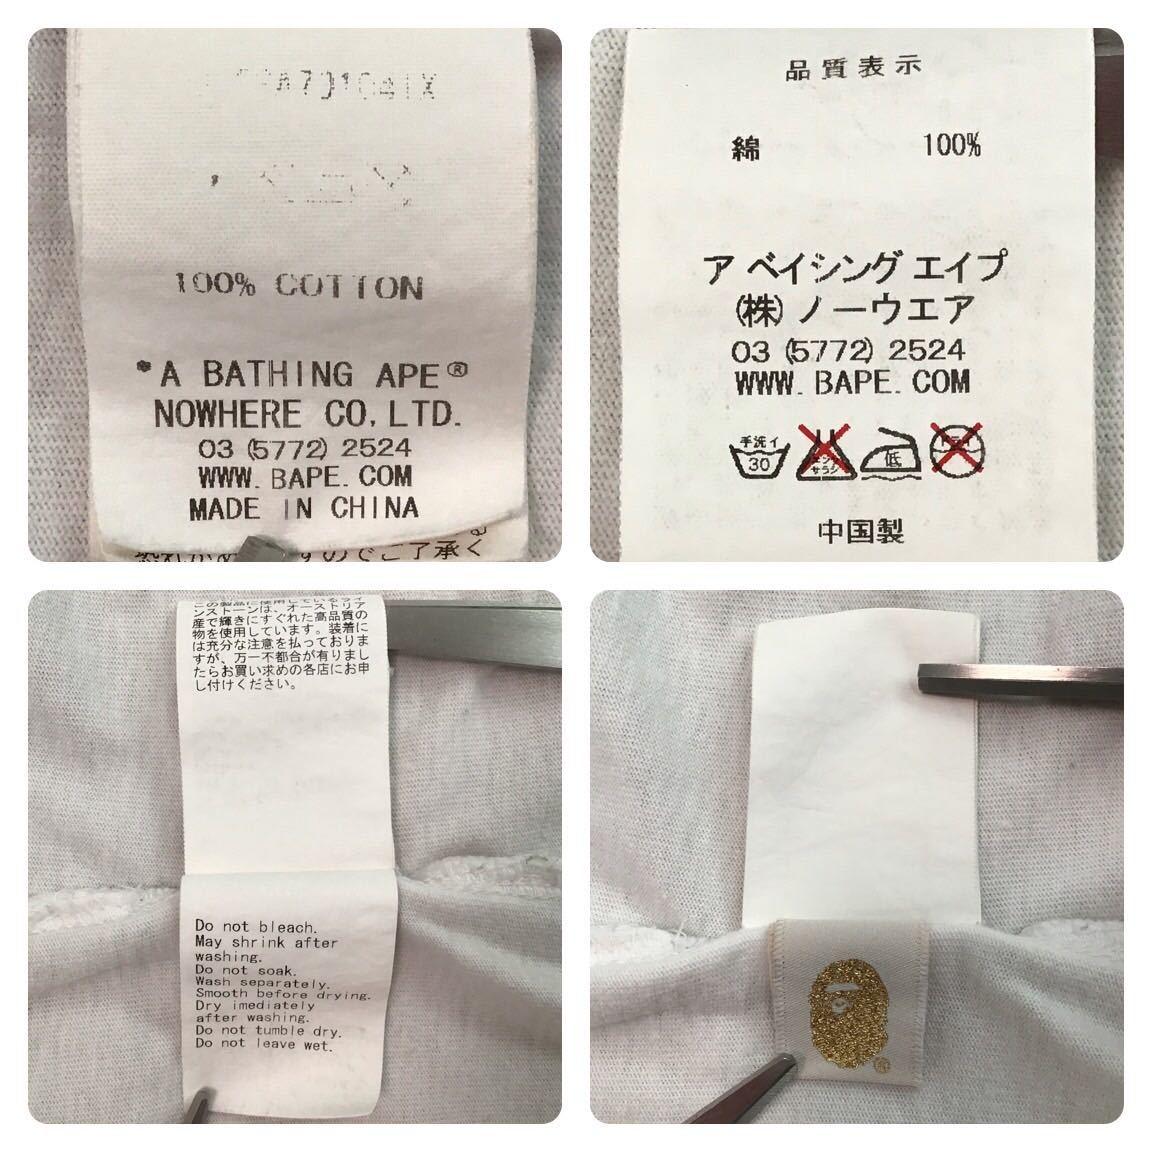 ★XL★ スワロフスキー Red camo bape logo Tシャツ a bathing ape swarovski ラインストーン エイプ ベイプ bape レッドカモ 迷彩 t2